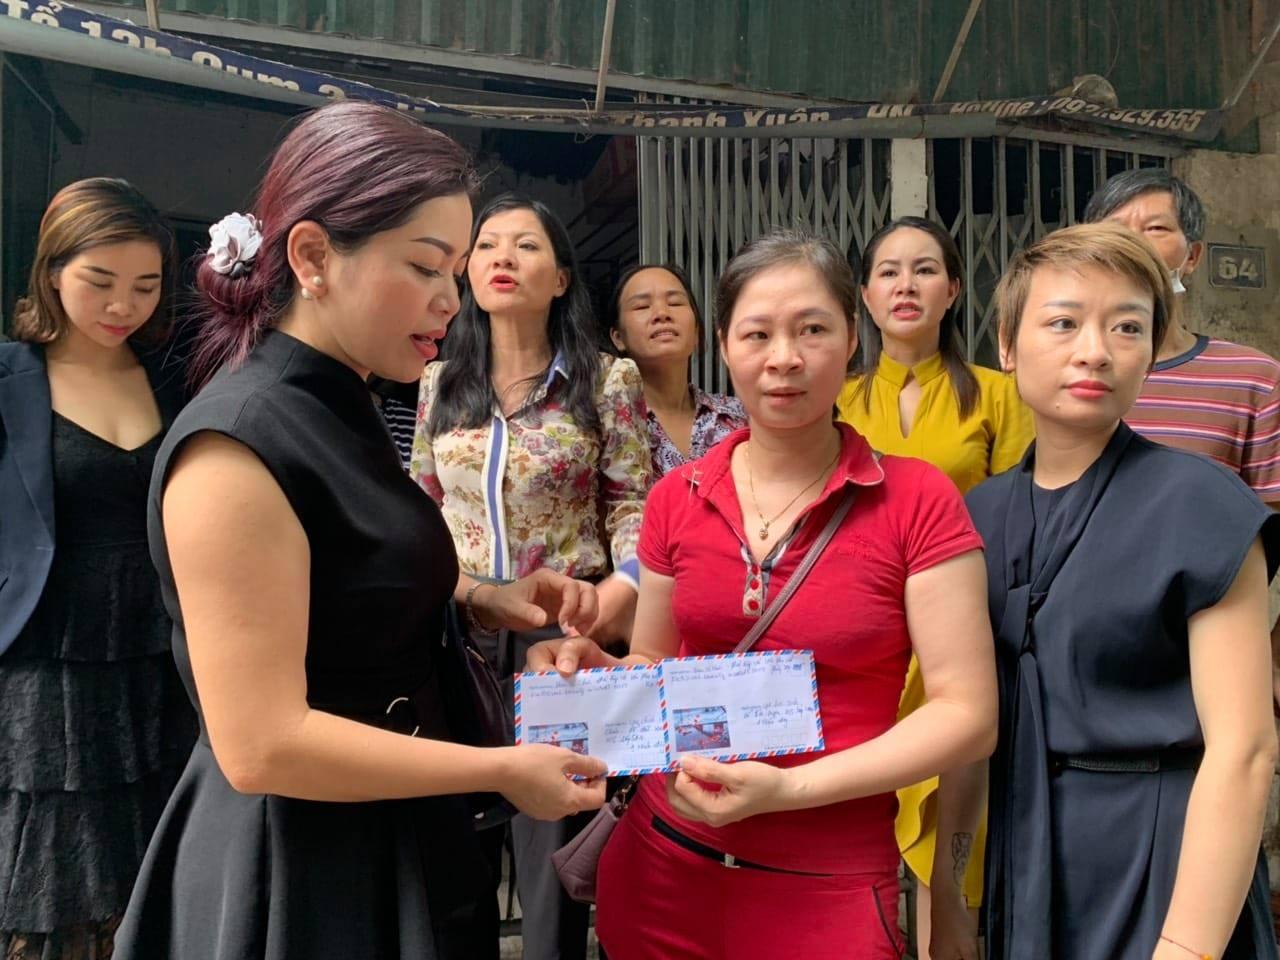 Hà Nội: Cần kịp thời chia sẻ động viên người dân sớm ổn định cuộc sống sau vụ cháy - Ảnh 1